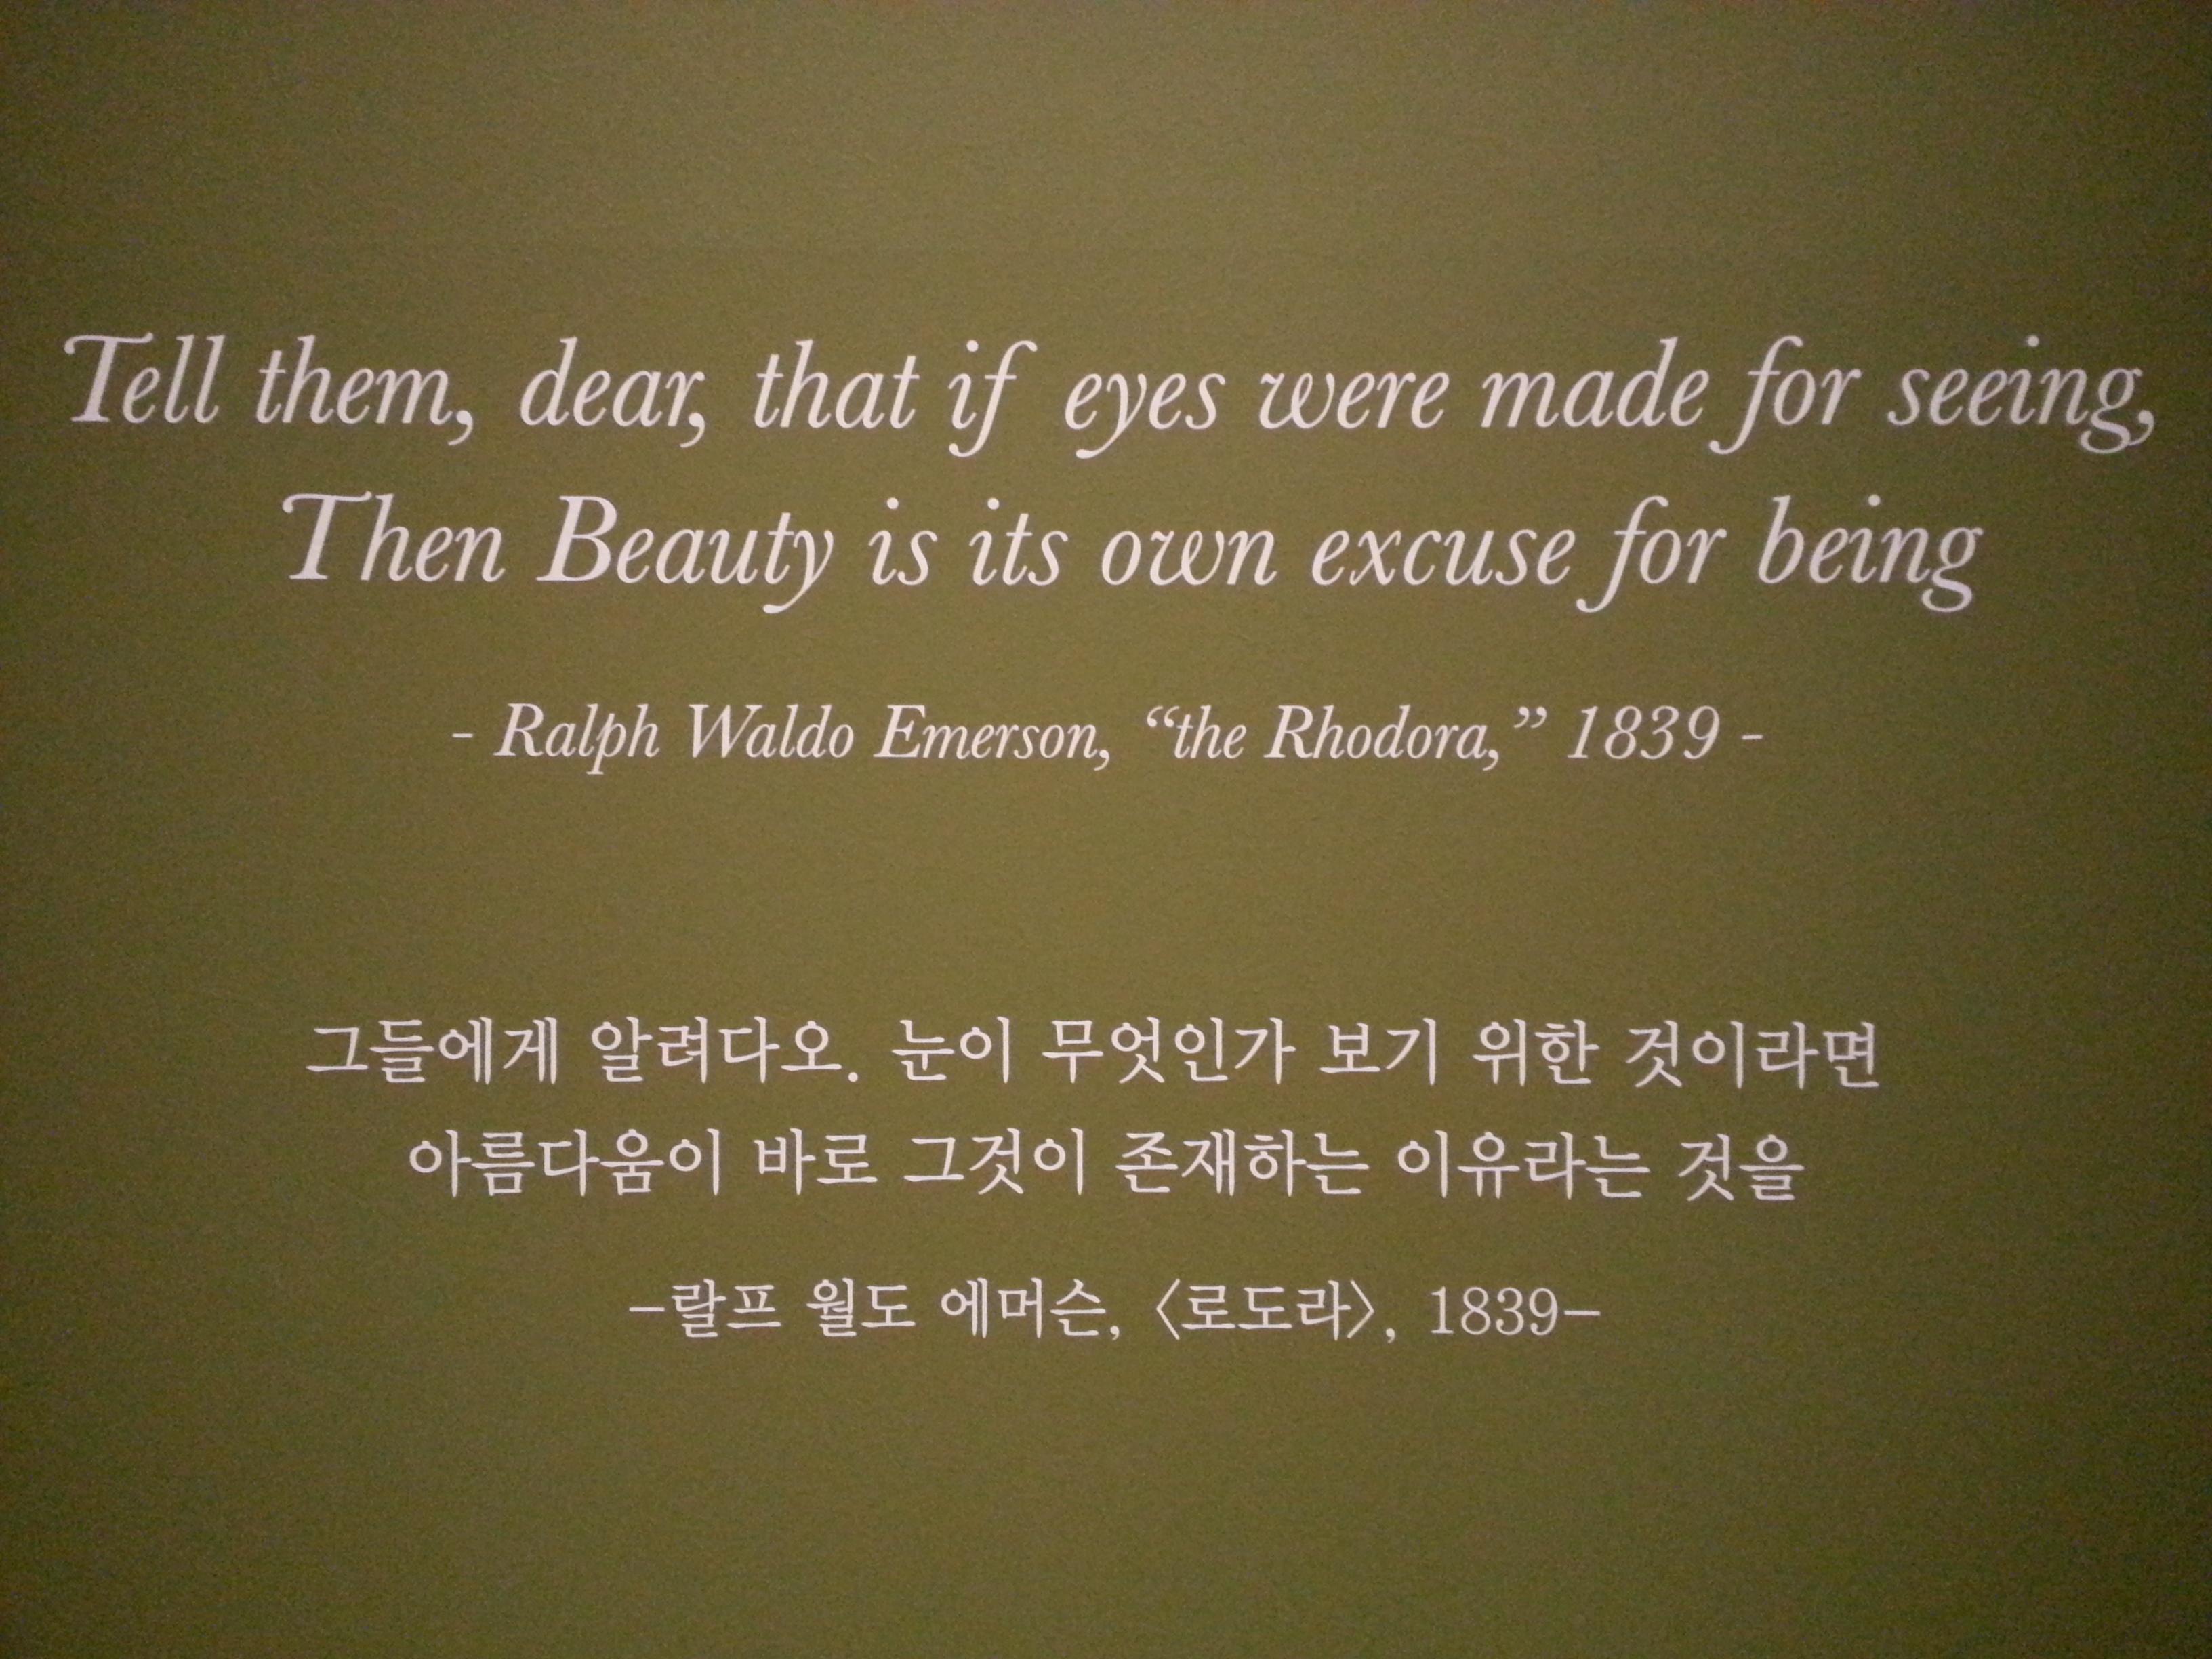 Ralph Waldo Emerson's quote #8